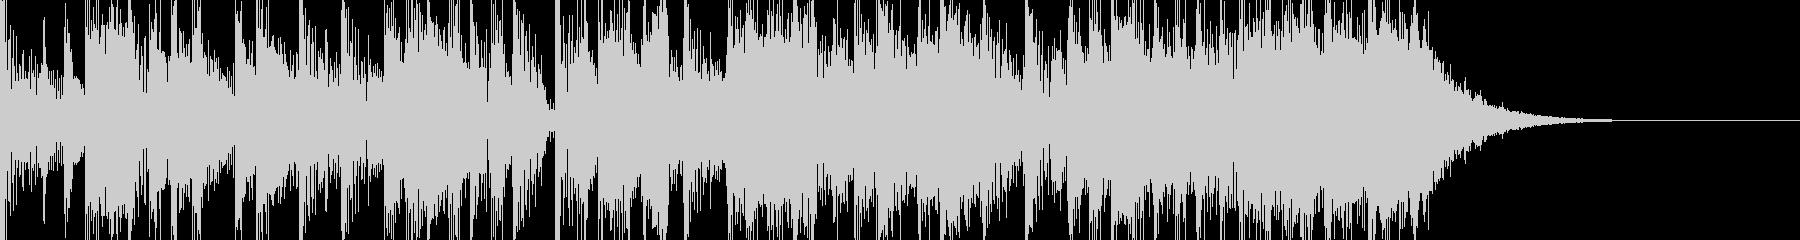 クールでファンキーなエレキロックジングルの未再生の波形